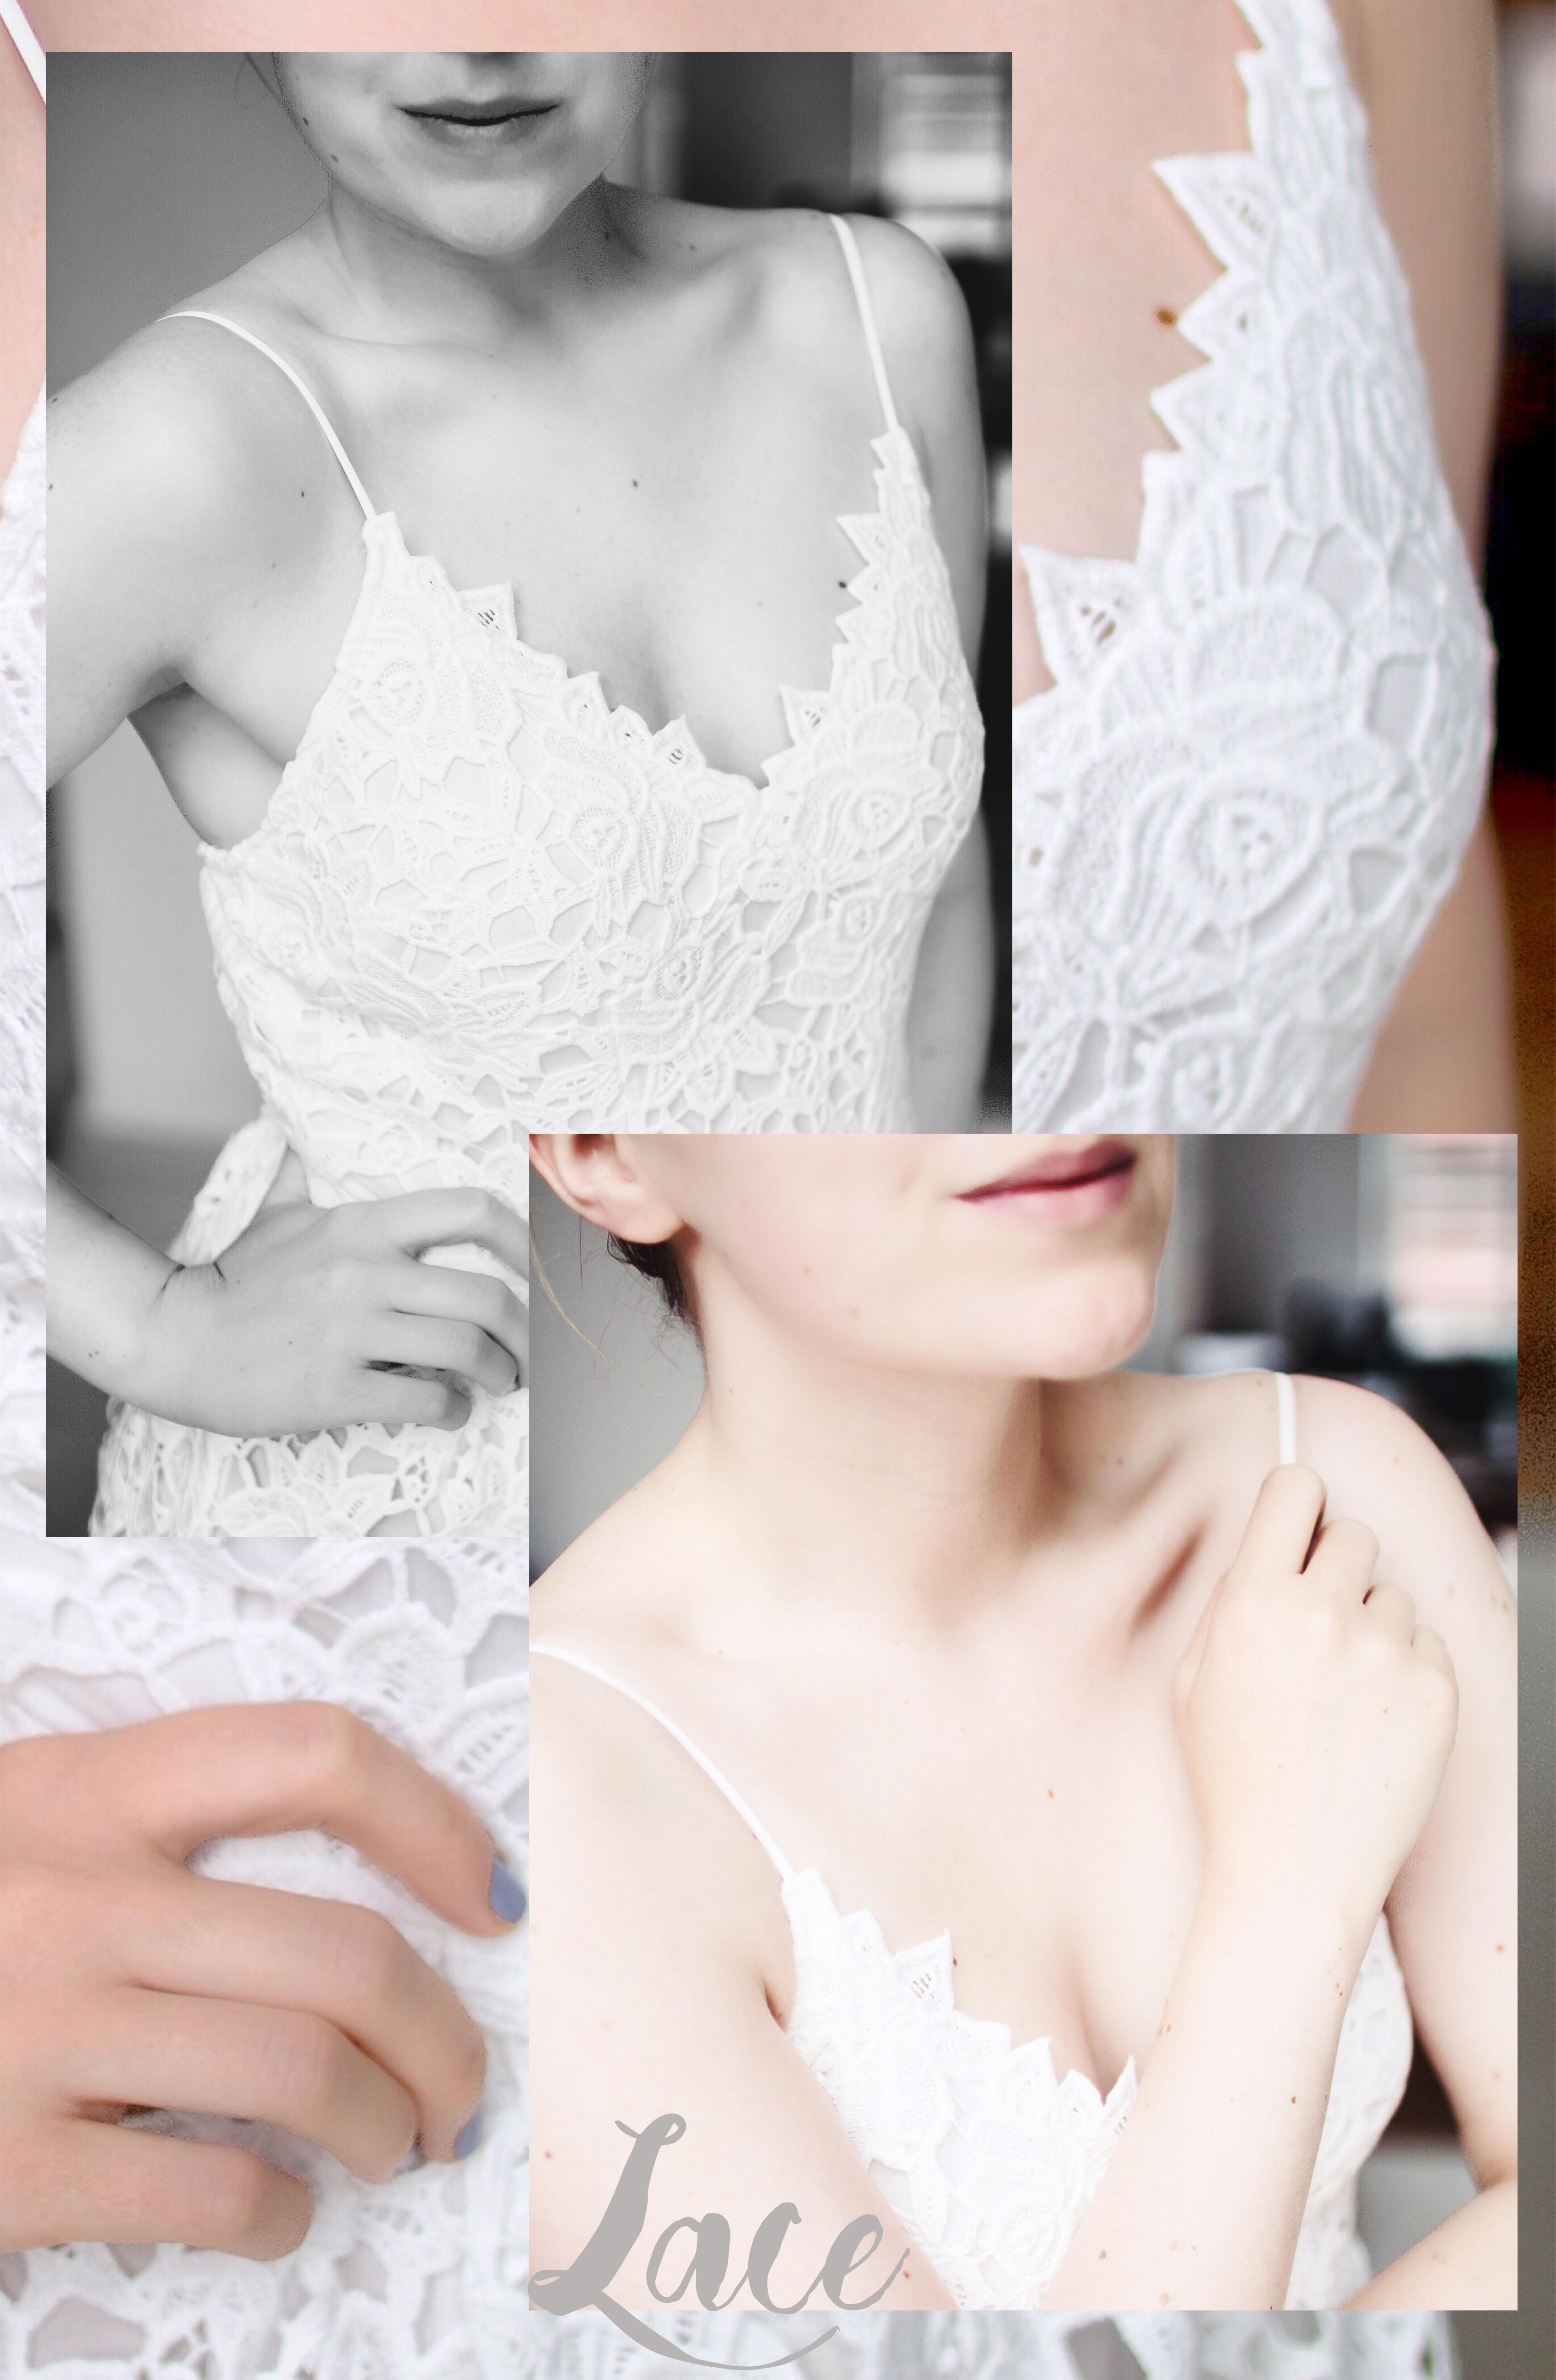 Fashion_zukkermaedchen_weiße_Spitzenkleid_lace